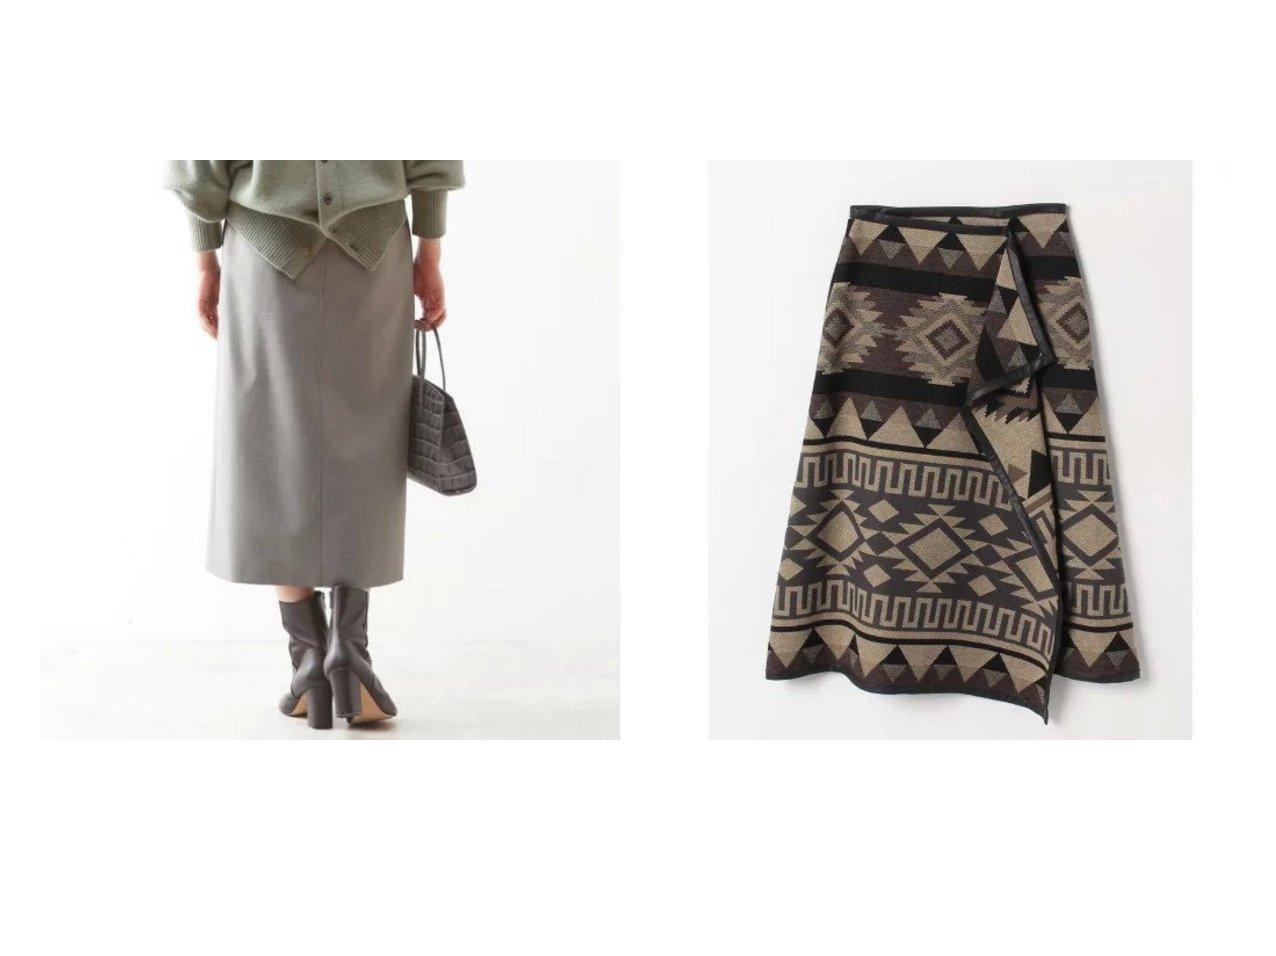 【HOUSE OF LOTUS/ハウス オブ ロータス】のパネルジャガードラップスカート&【martinique/マルティニーク】のドライウールタイトスカート 【スカート】おすすめ!人気、トレンド・レディースファッションの通販 おすすめで人気の流行・トレンド、ファッションの通販商品 インテリア・家具・メンズファッション・キッズファッション・レディースファッション・服の通販 founy(ファニー) https://founy.com/ ファッション Fashion レディースファッション WOMEN スカート Skirt フレア マキシ ラップ ロング  ID:crp329100000074893